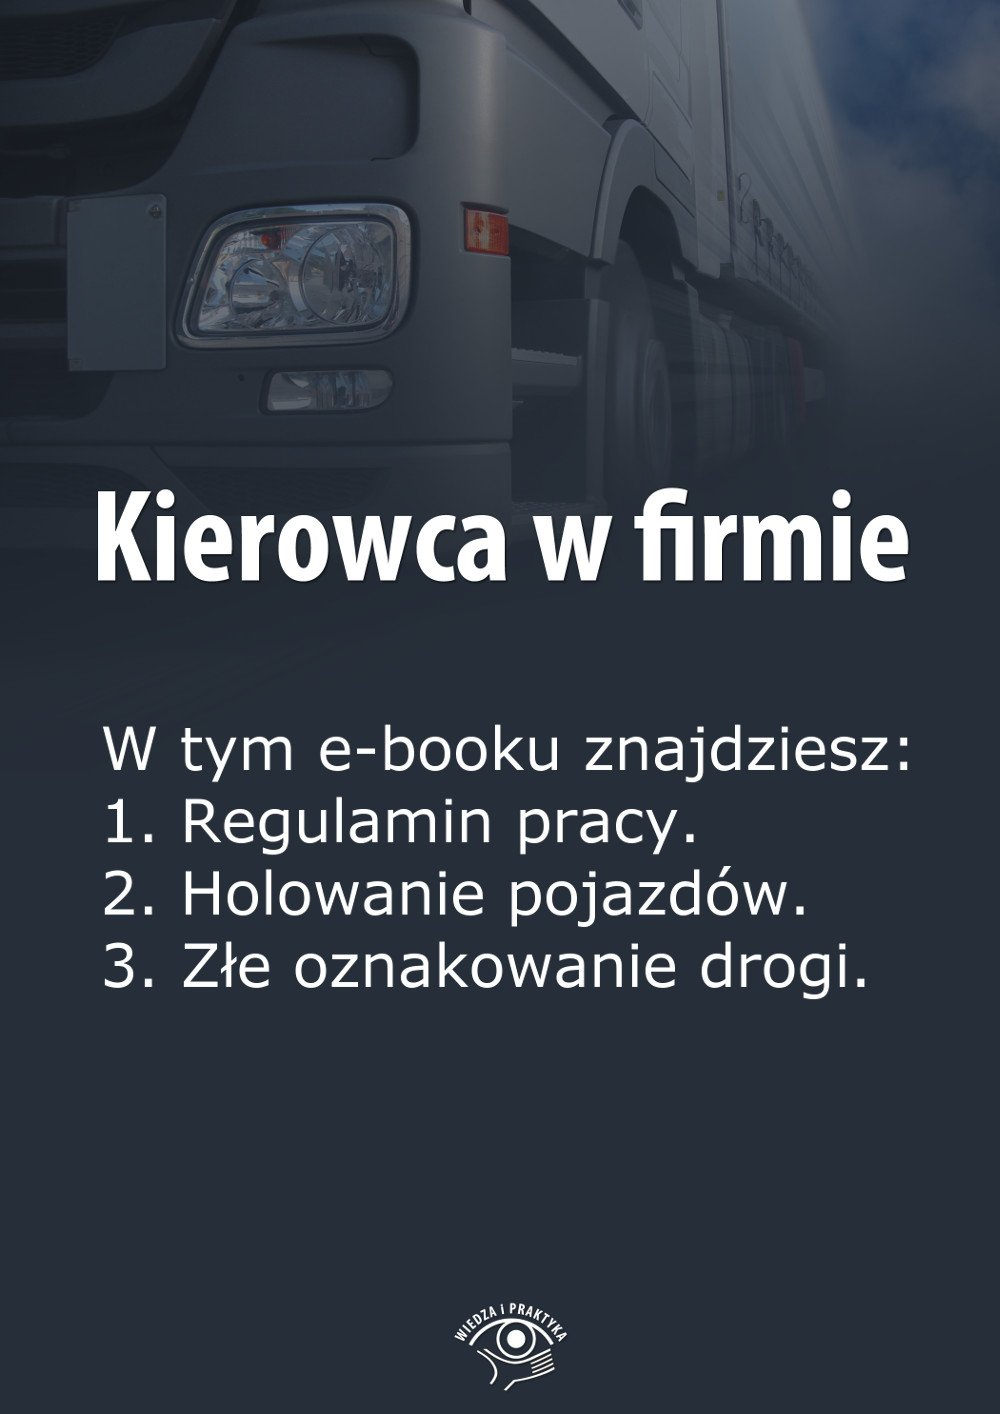 Kierowca w firmie. Wydanie luty 2014 r. - Ebook (Książka EPUB) do pobrania w formacie EPUB